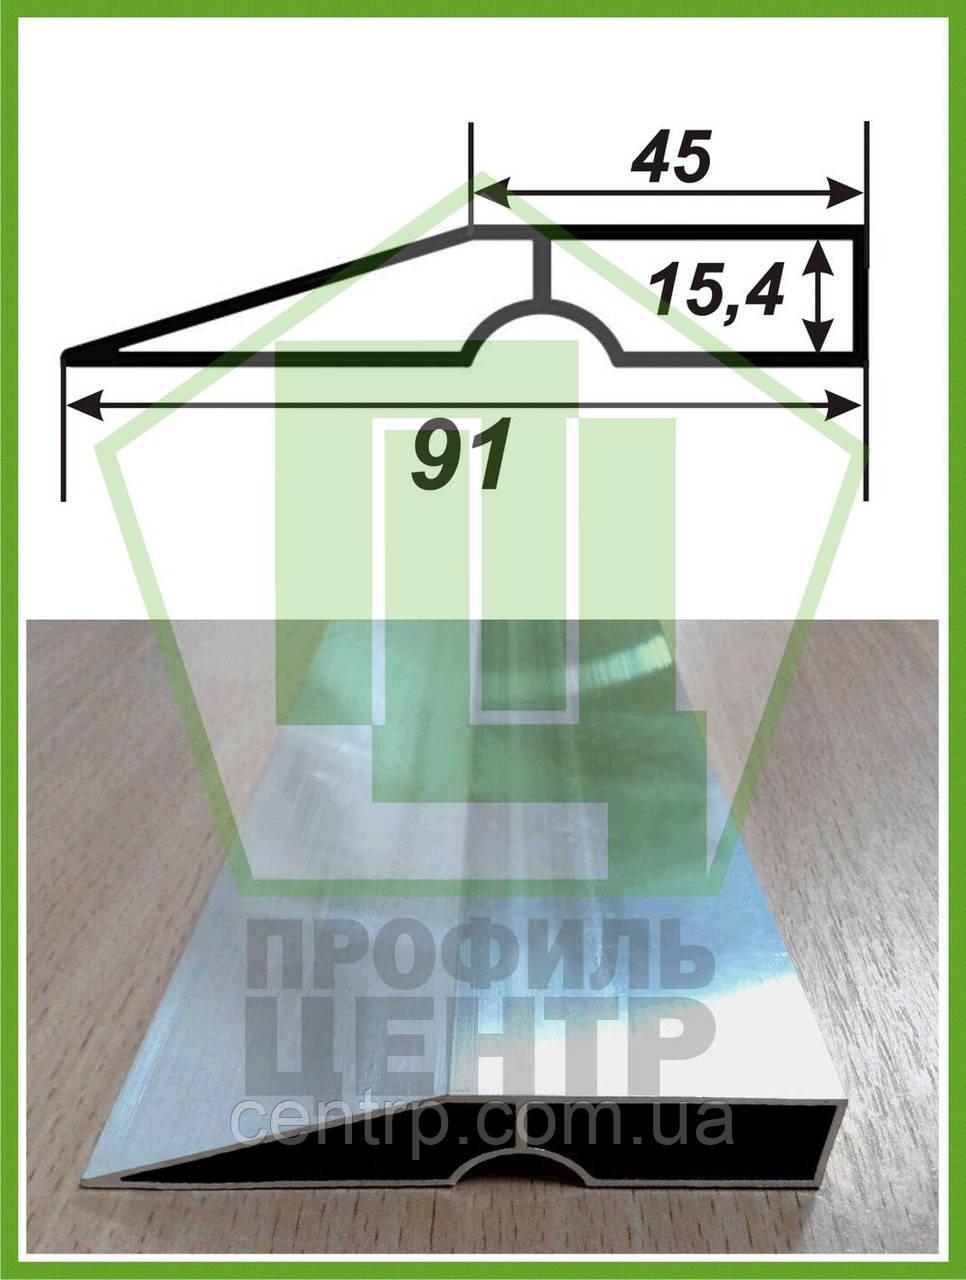 Правило усеченное строительное 2,0 м